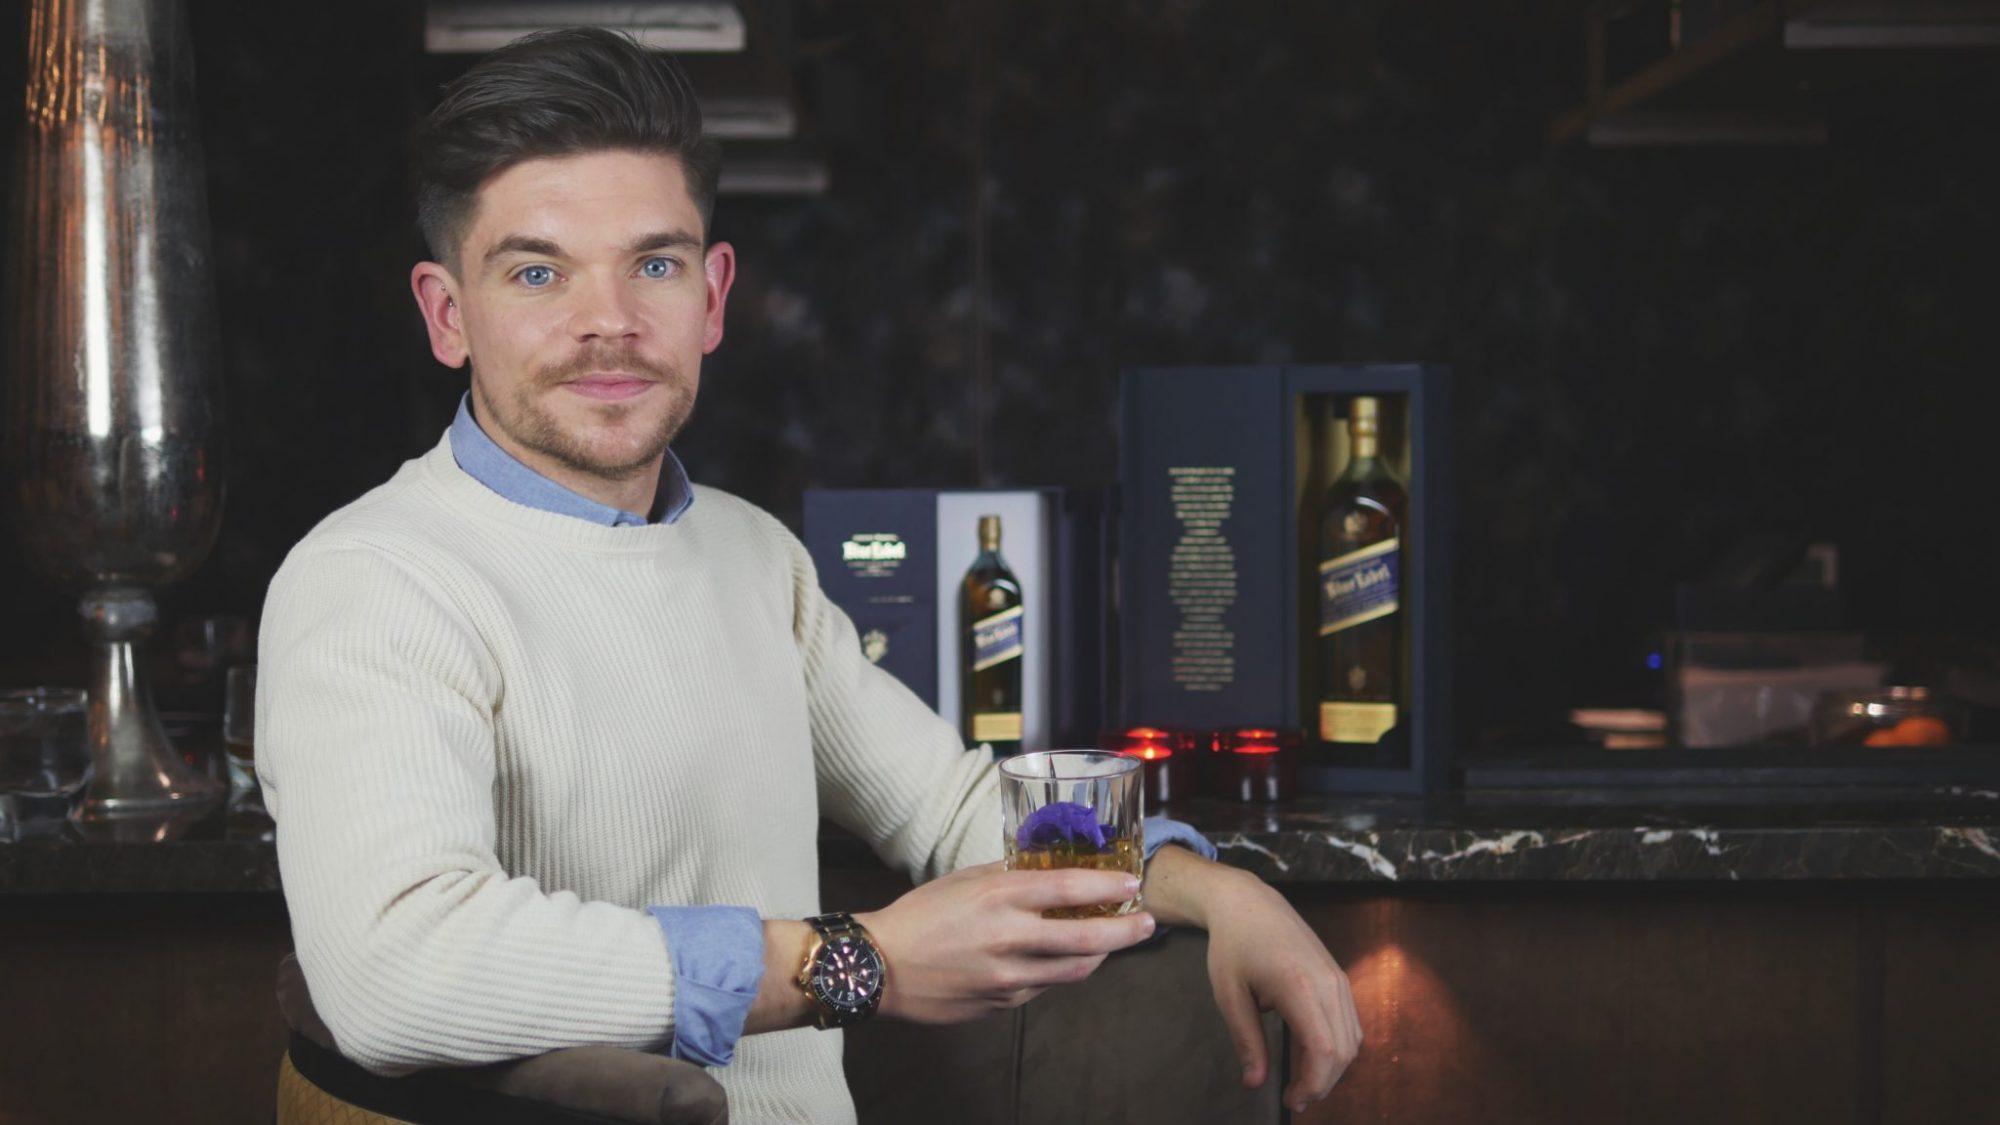 Robin James Cocktail Man For Himself